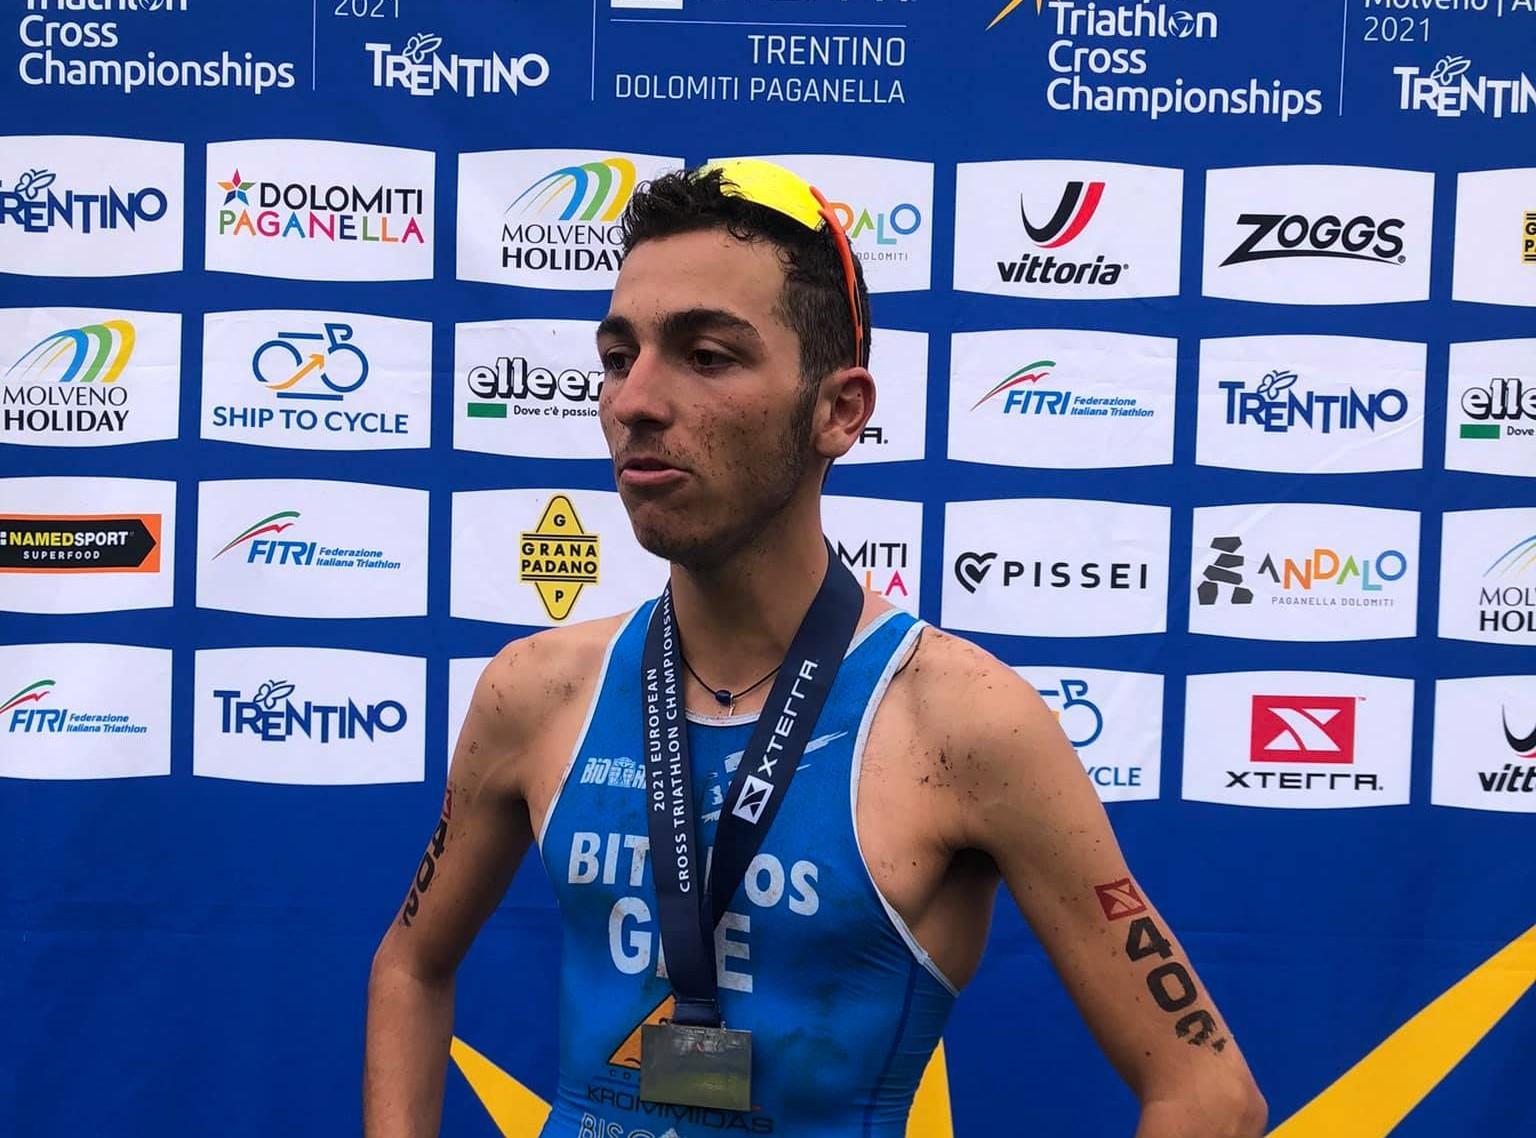 Παναγιώτης Μπιτάδος Xterra triathlon